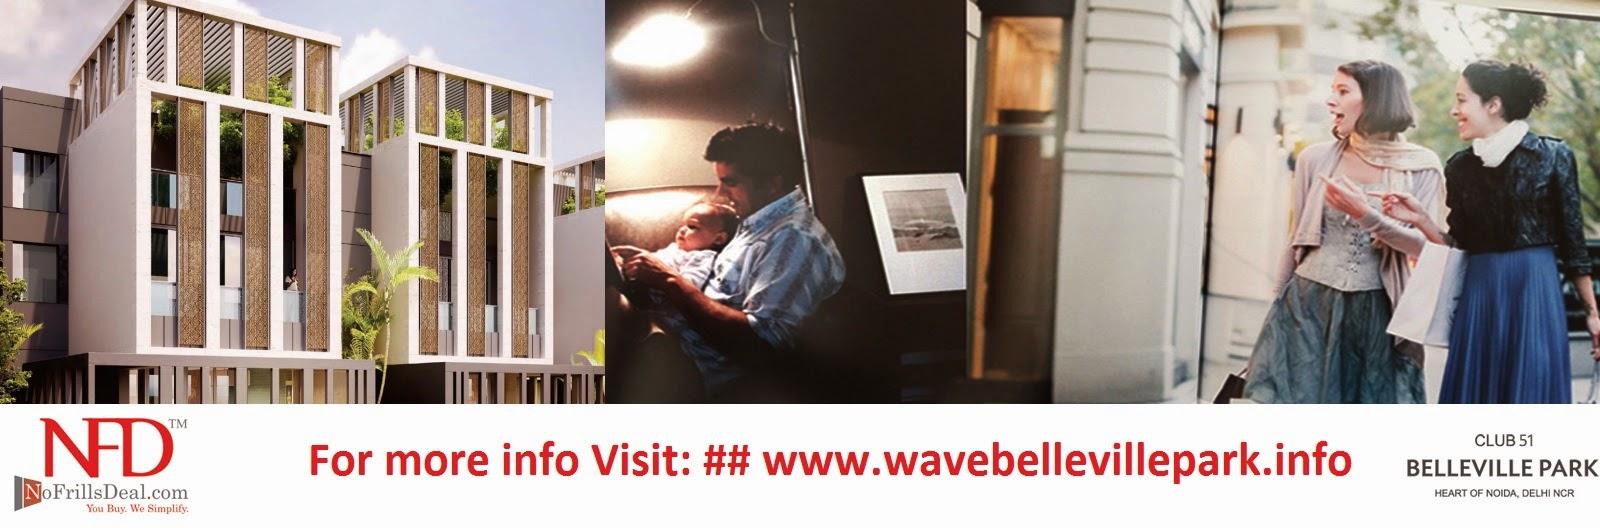 Wave Belleville Park Noida